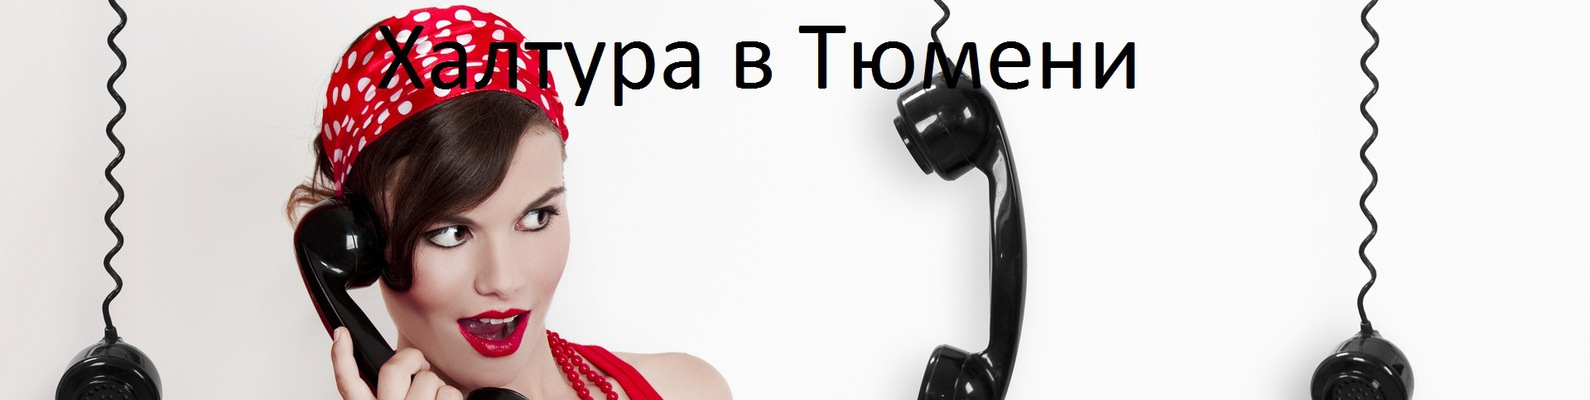 Звонок строителя проститутки индивидуалки города тюмень